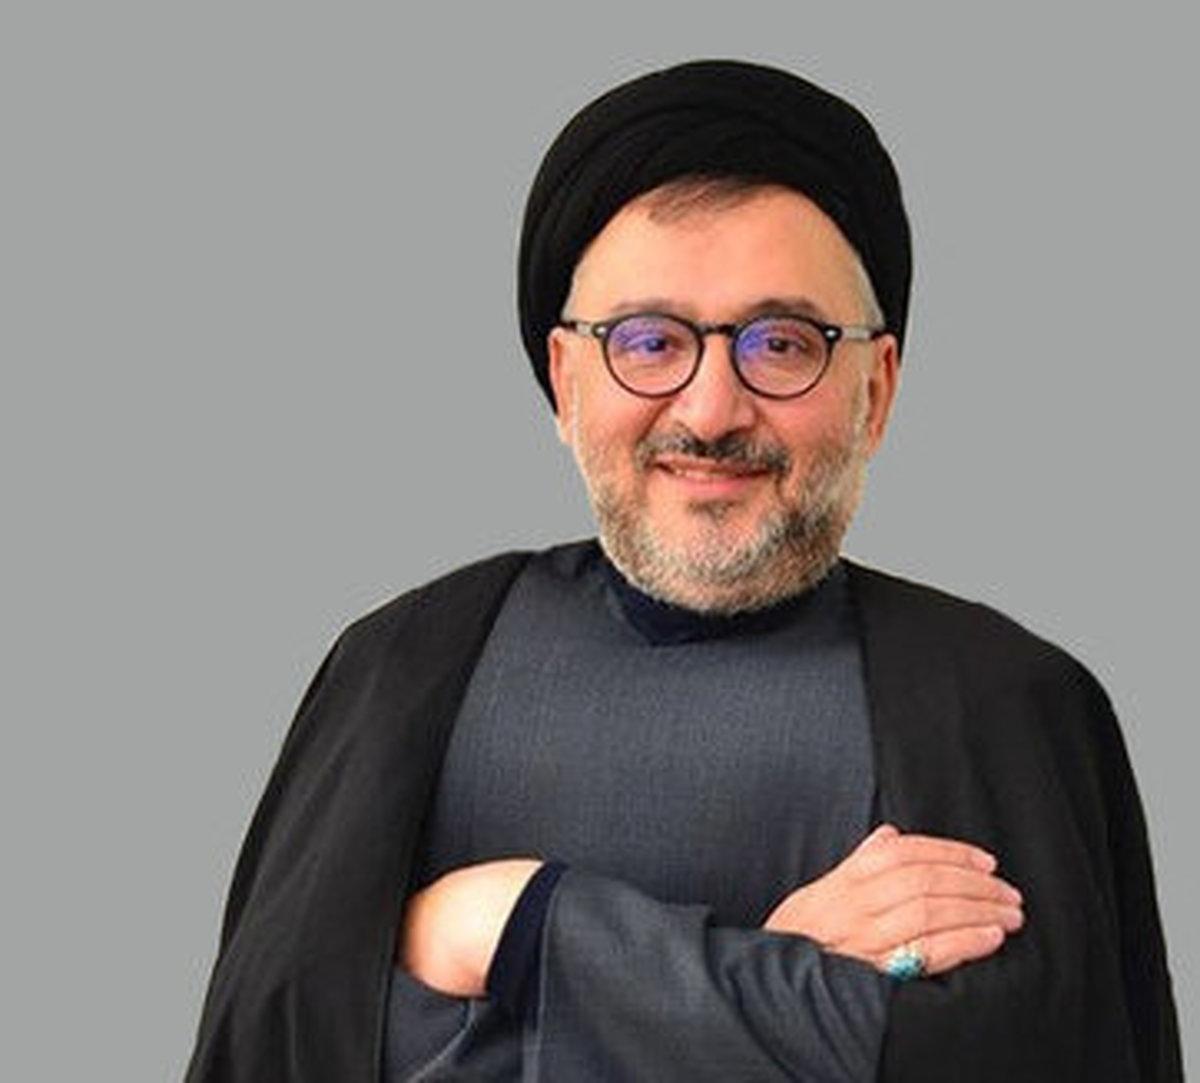 احمدی نژاد | حضور ۸ ساله احمدی نژاد در قدرت یک خطر بزرگ برای کشور بود.